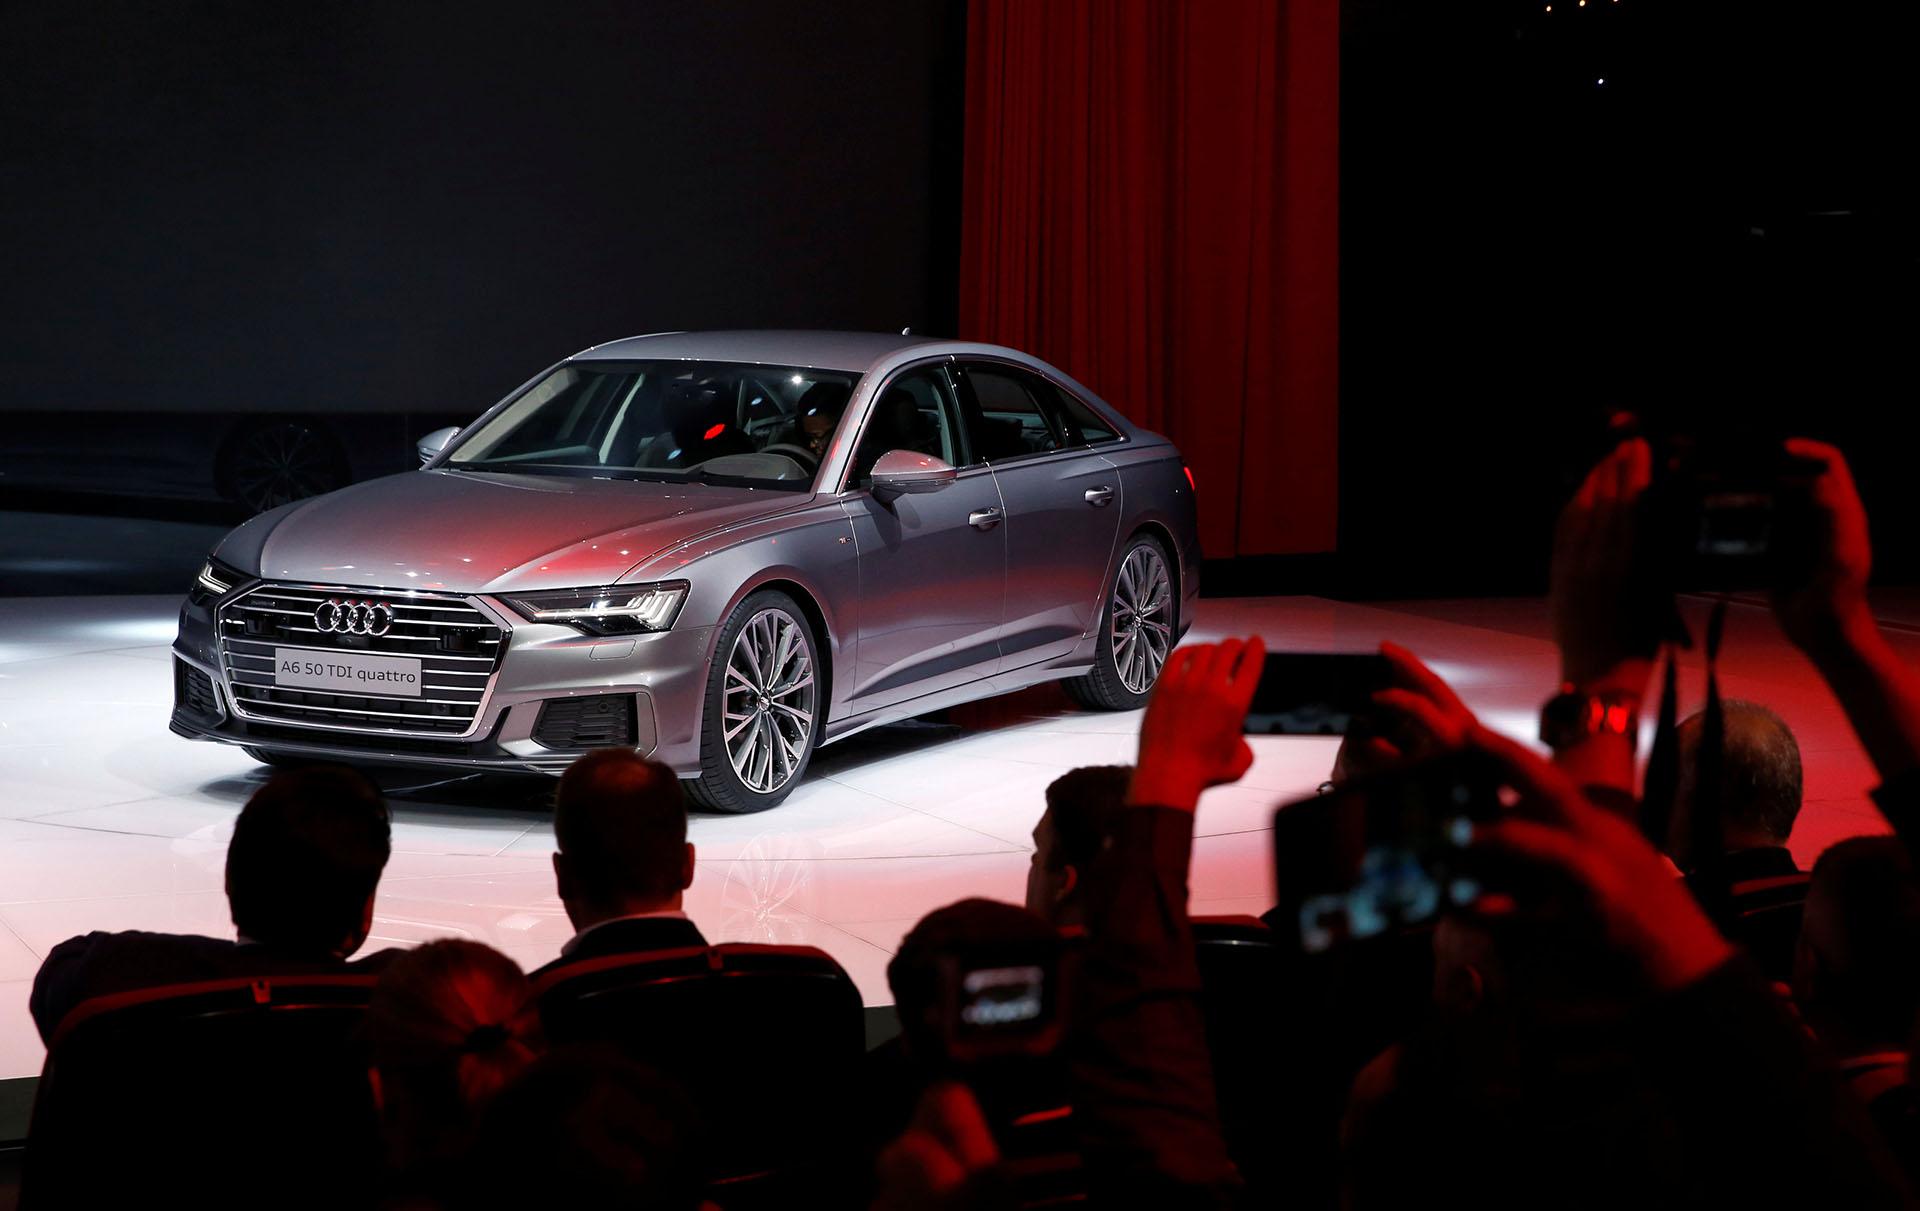 La octava generación del A6 de Audi se mostró en el salón suizo con reseñas en el legado de los nuevos A8 y A7 Sportback. Sin cambios resonantes, la berlina premium de la compañía germana gana versatilidad y prestaciones con sus nuevos propulsores híbridos